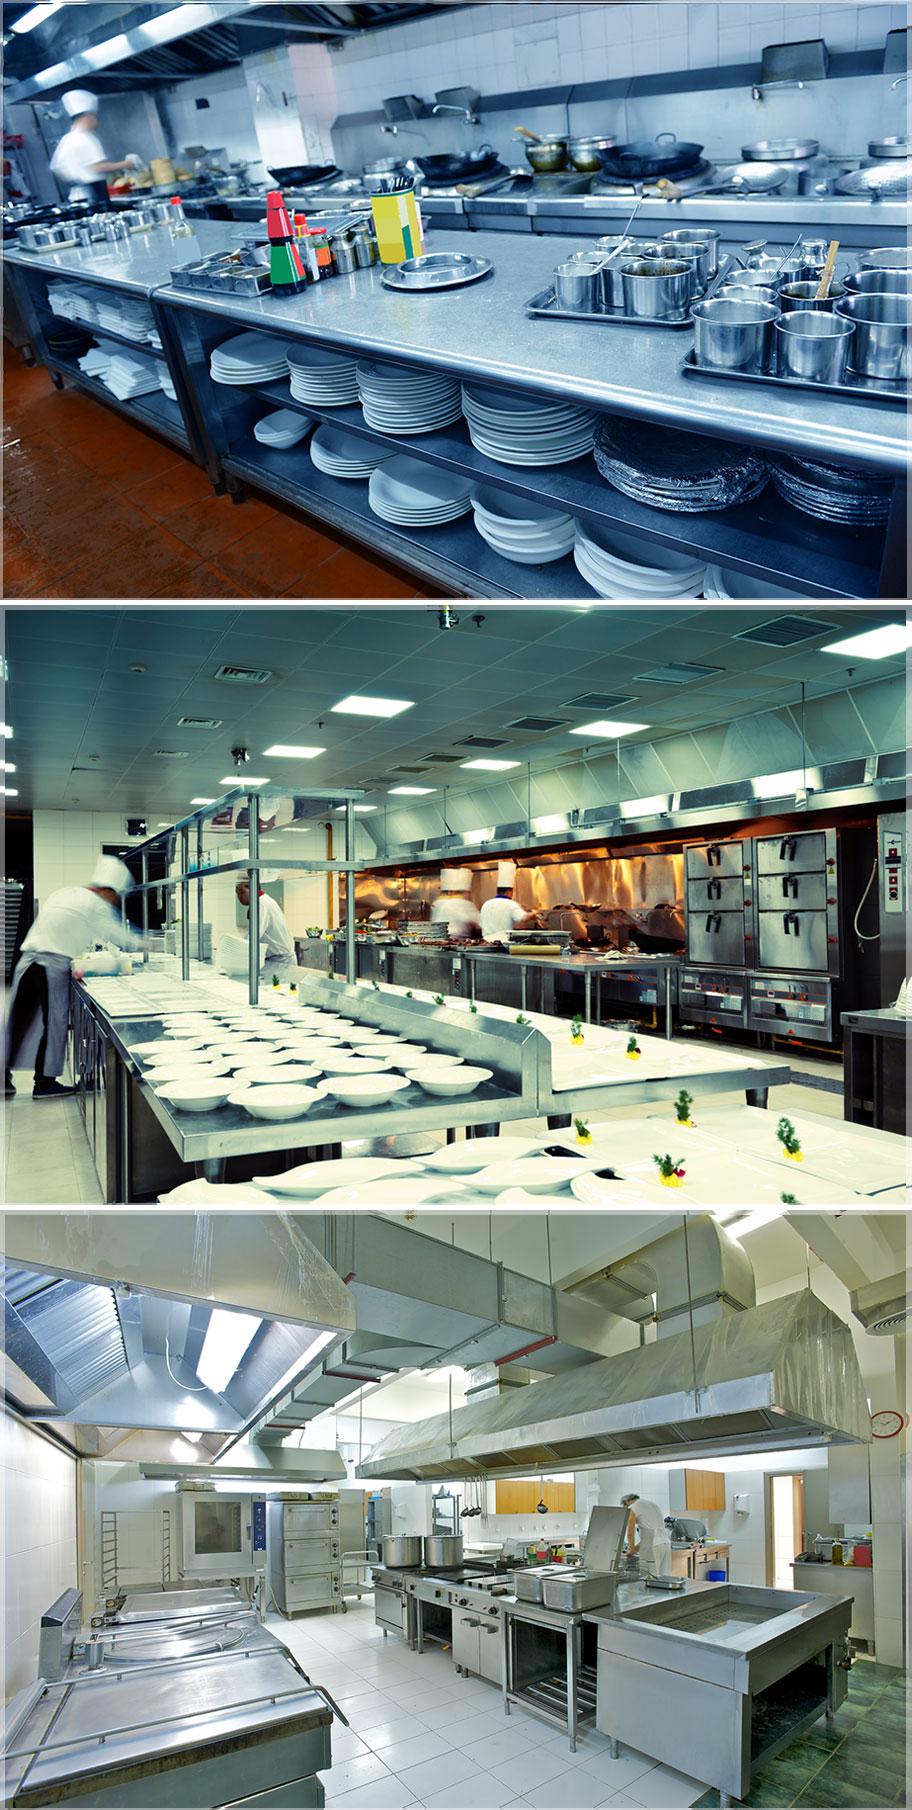 Desain Dapur Rumah Makan Atau Restoran Konsep Modern Minimalis Jasa Desain Interior Di Jakarta Rumah Apartemen Kantor Resto Ruko Dll